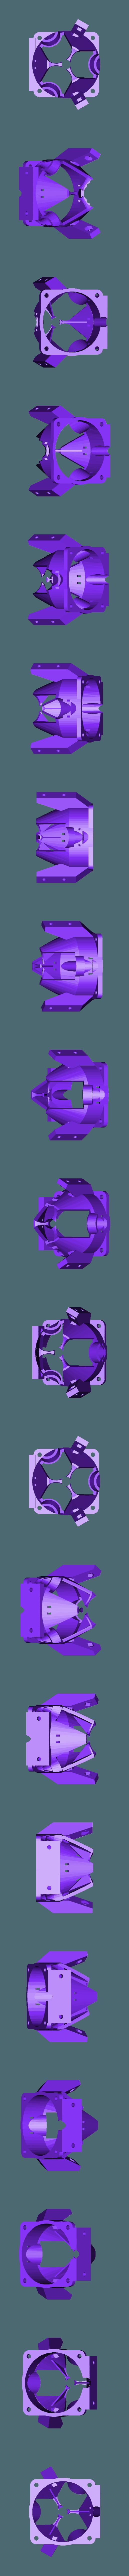 diamond_cooler_shield_blower-2mounts.stl Télécharger fichier STL gratuit Rafraîchisseur de pièce à anneau chauffant diamanté • Objet pour imprimante 3D, spiritdude